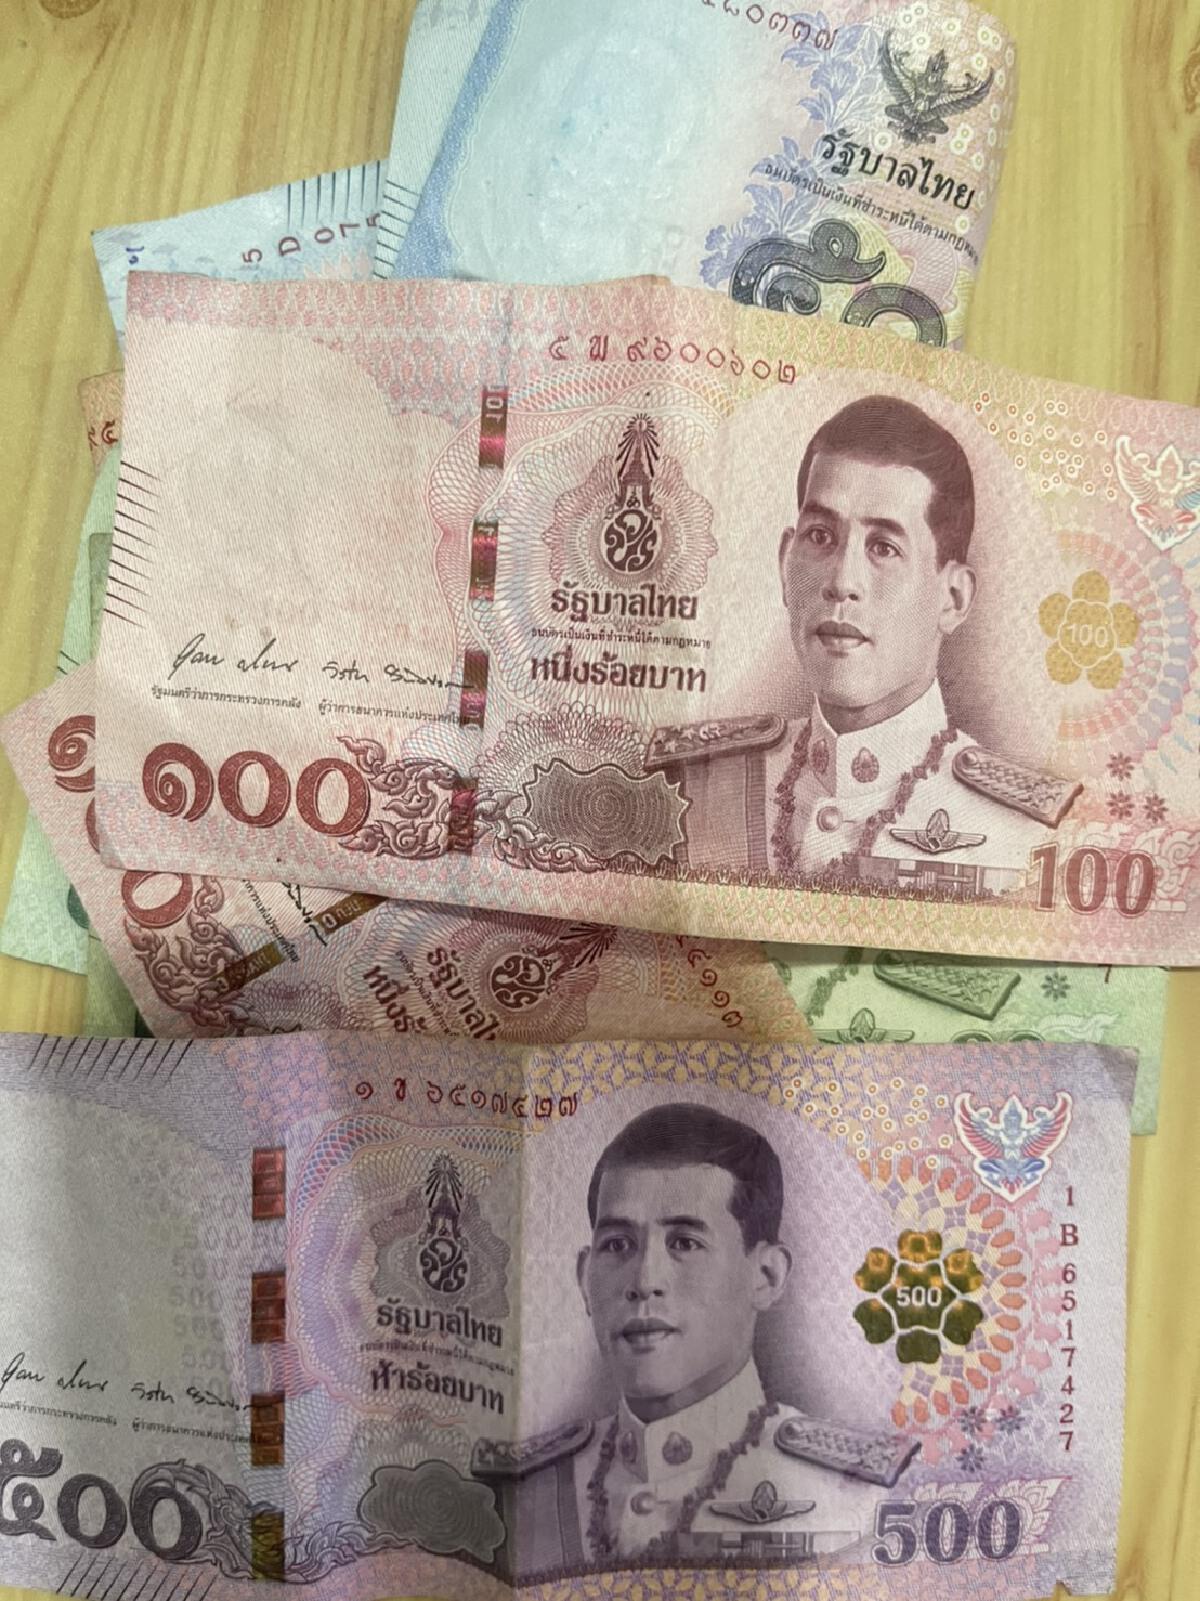 ขณะนี้คนไทยกำลังหาทางออกปลดหนี้จำนวนมาก